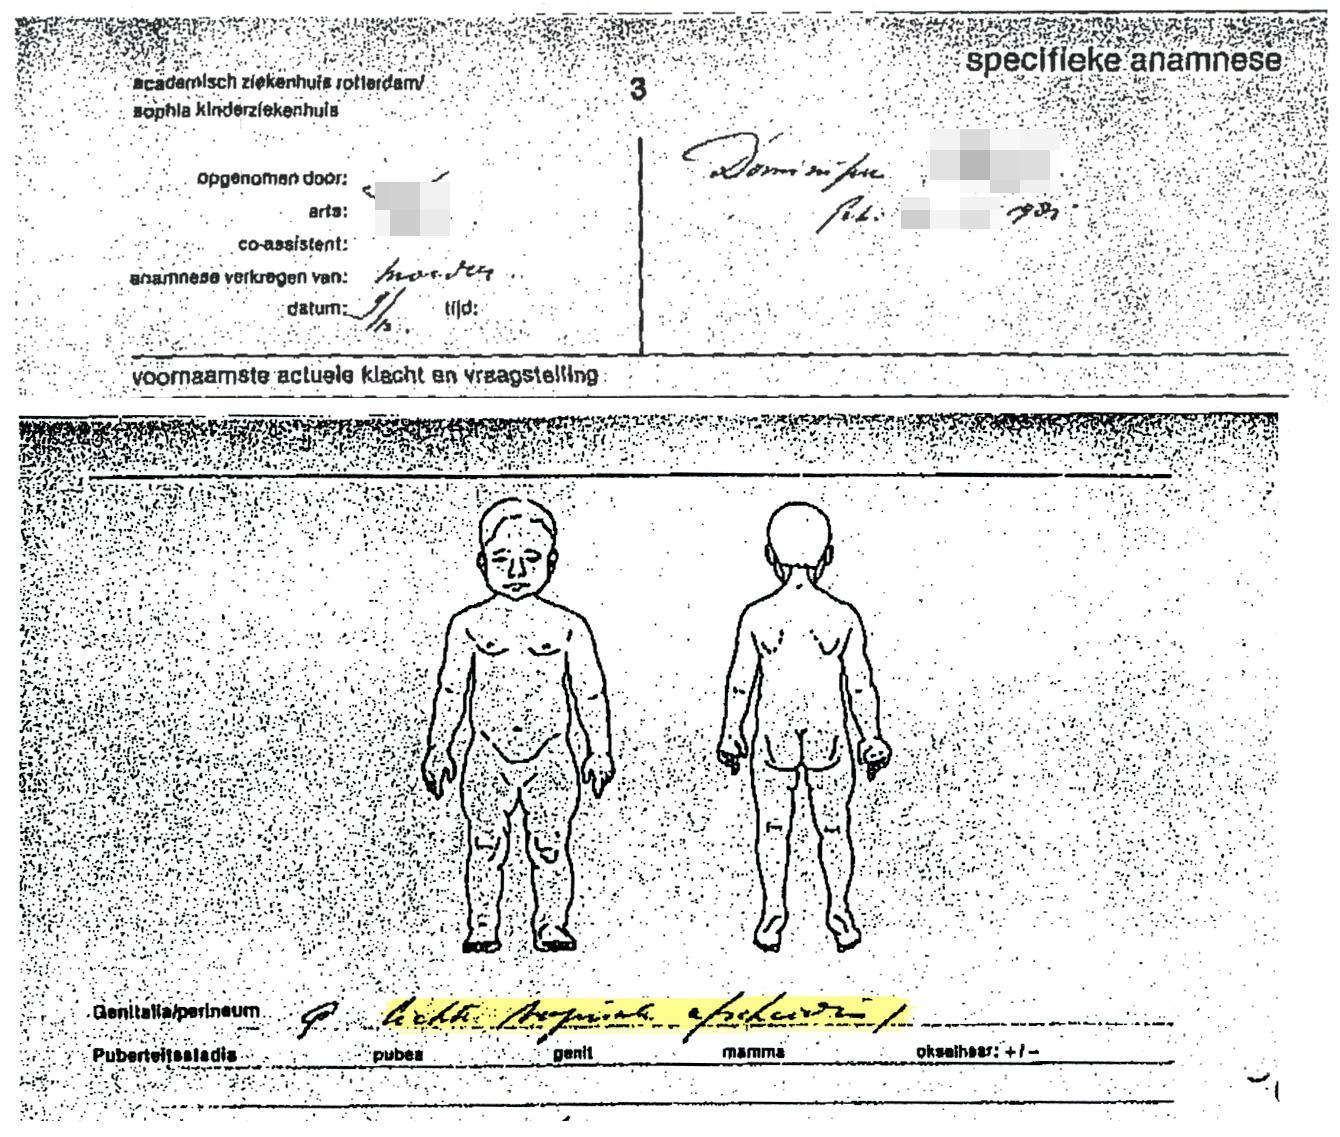 """Twee fragmenten uit een handgeschreven statusrapport van het Sofia kinderziekenhuis, waarbij bij 'genitalia/perineum' geen afwijkingen worden vermeld, behalve """"licht vaginale afscheiding."""""""